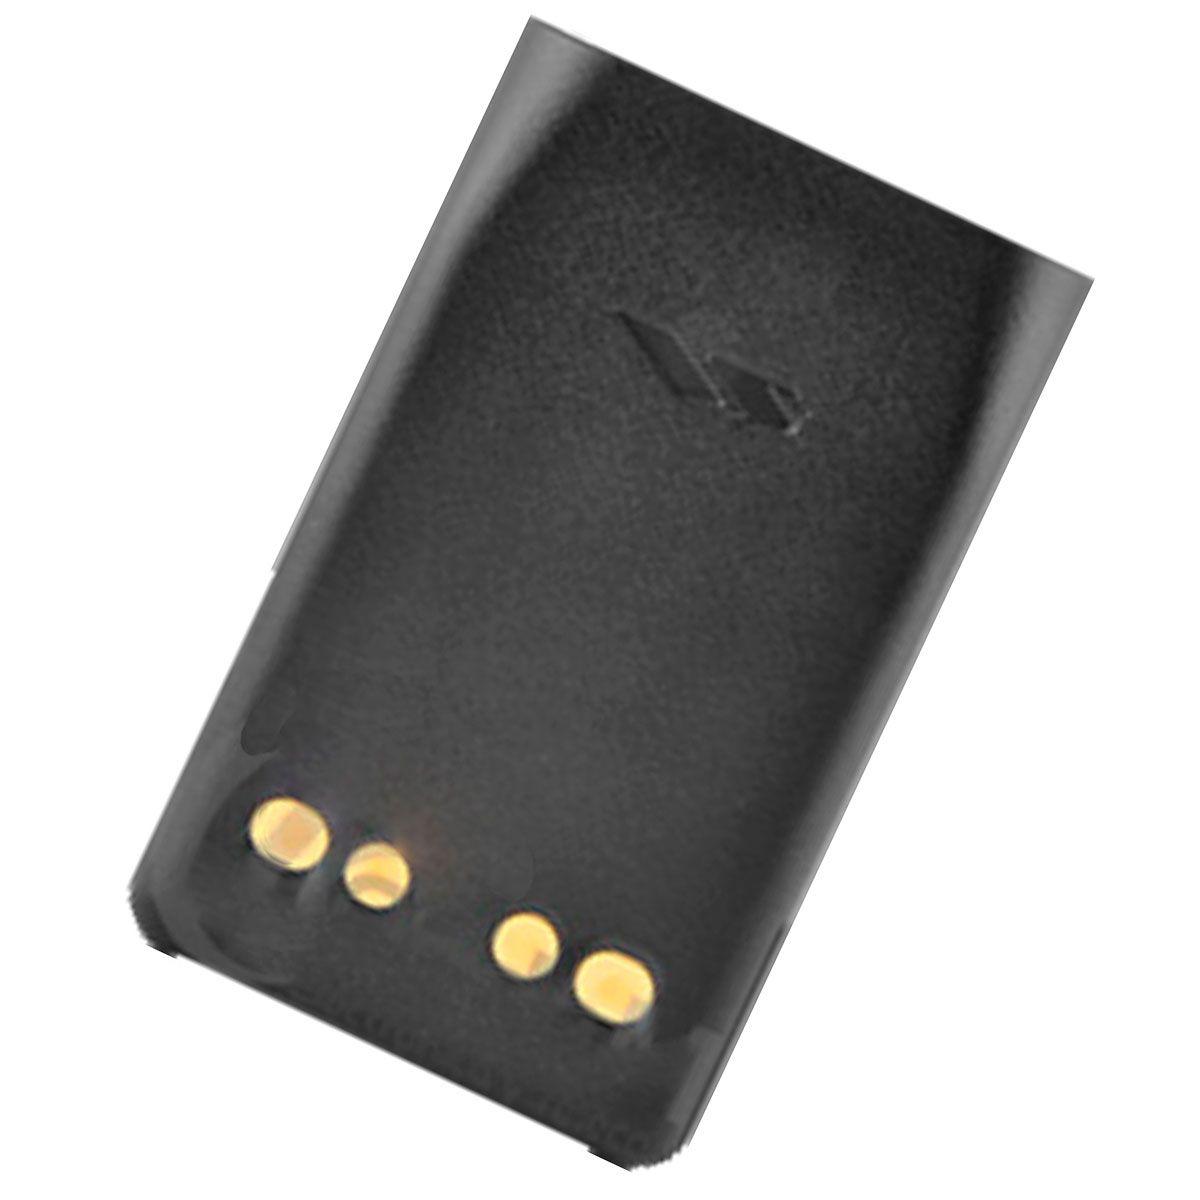 Batería  Li-Ion 1380 mAh Motorola de Alta Capacidad FNB-V133LI-UNI